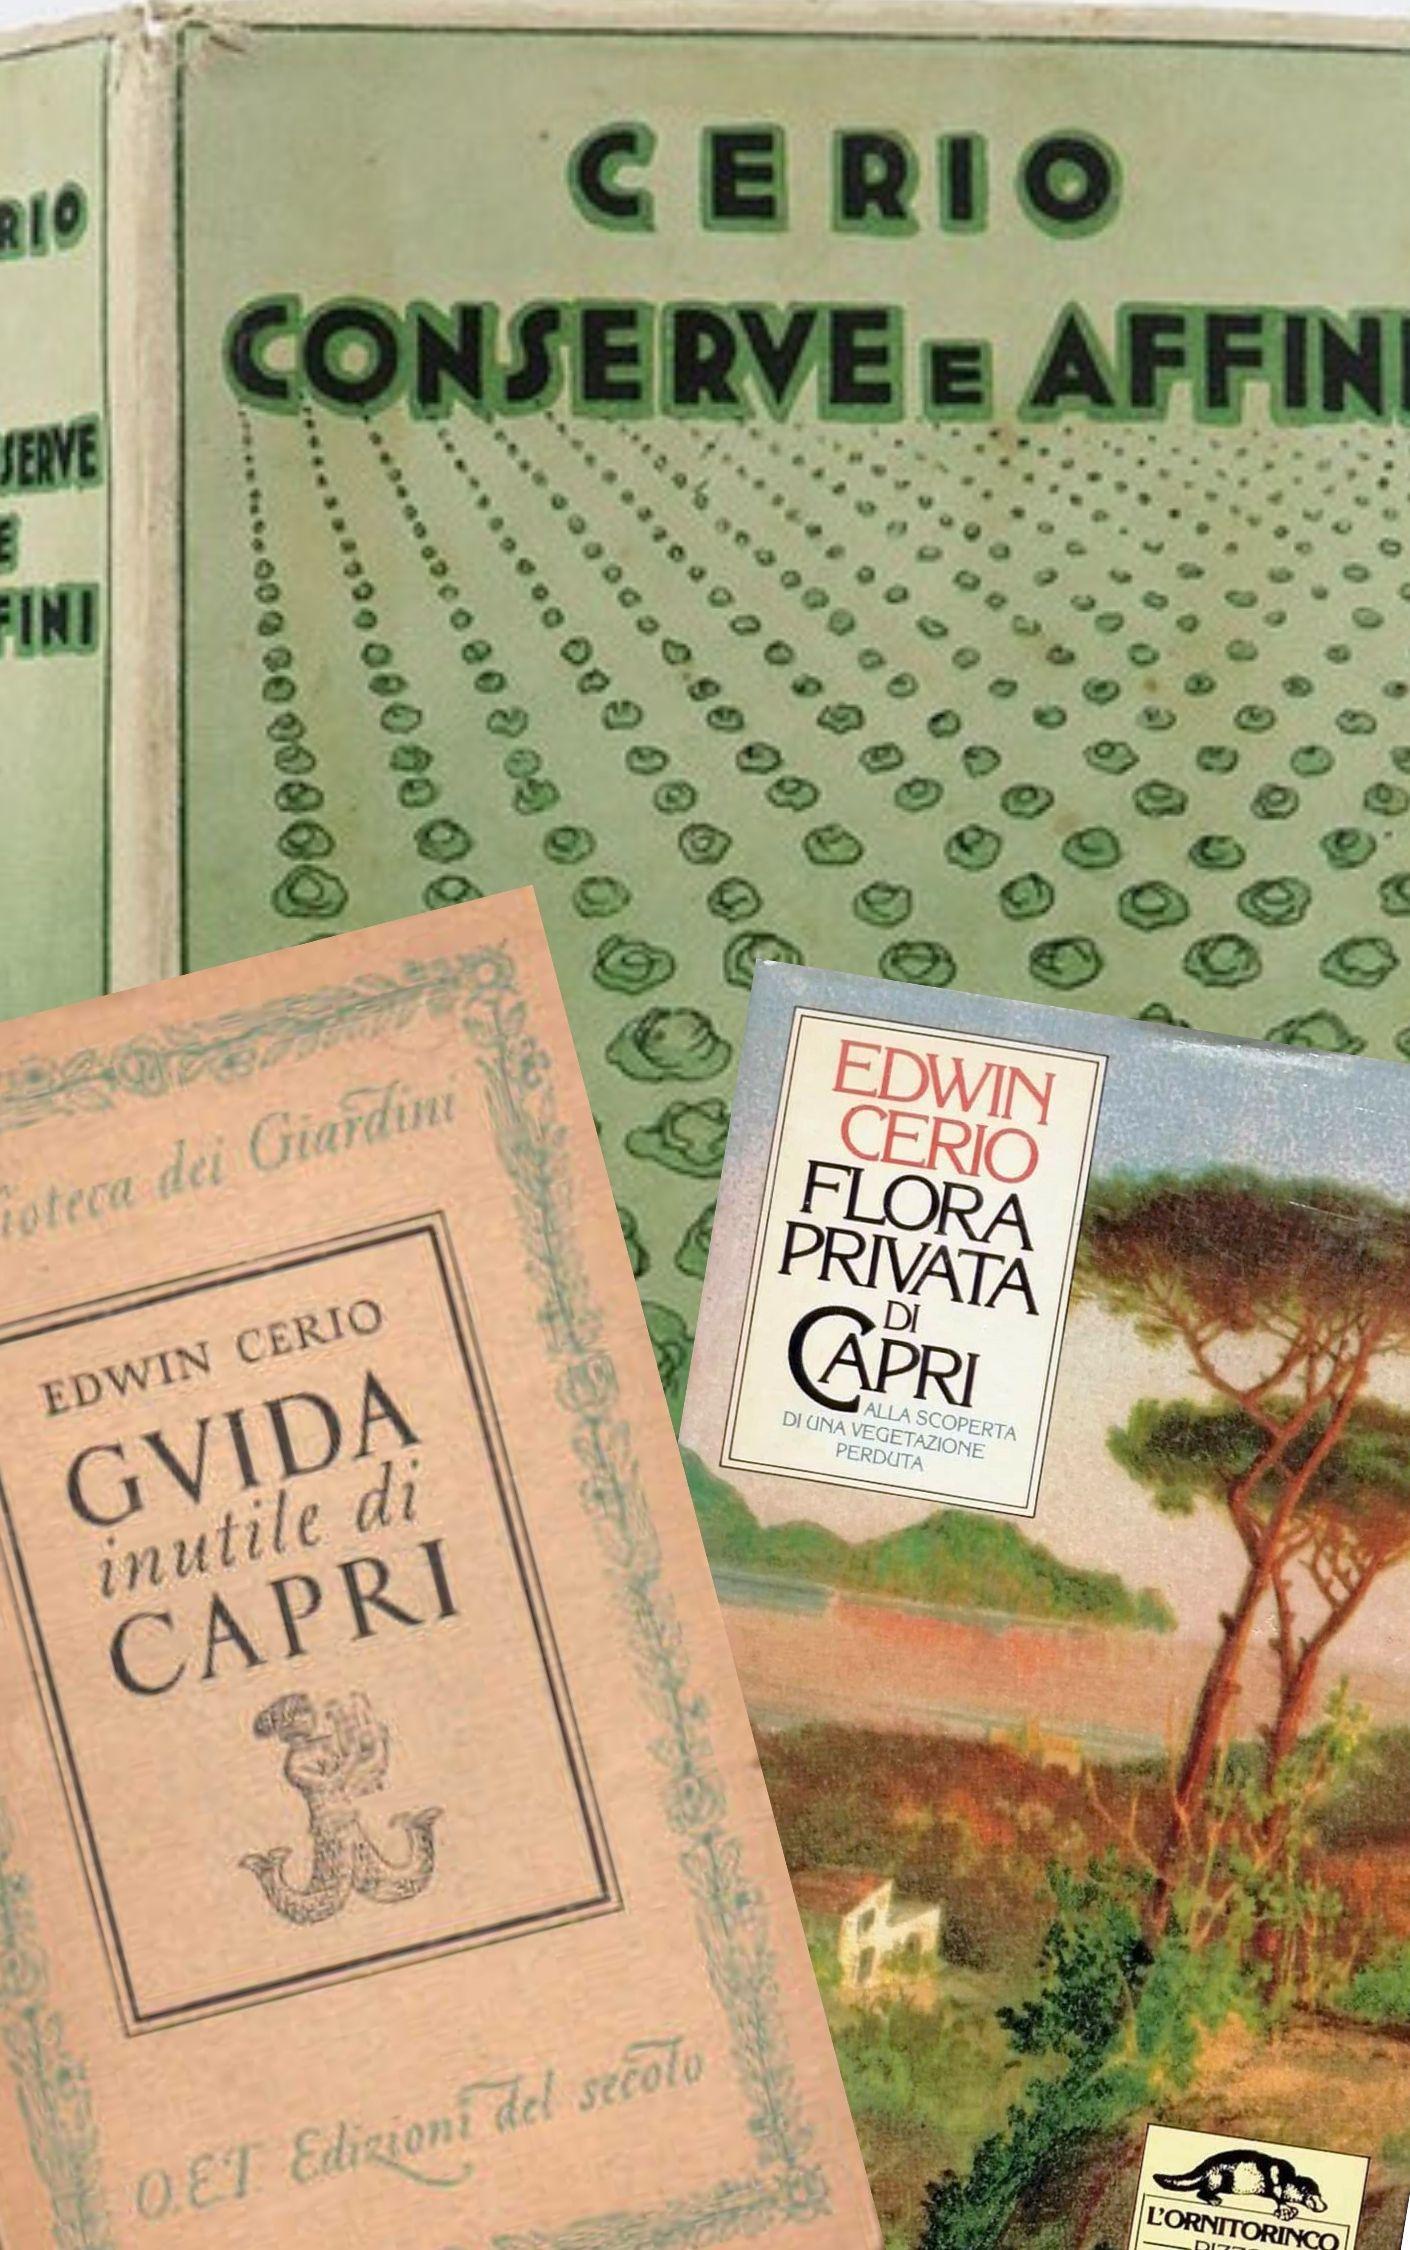 Alla scoperta di Edwin Cerio, botanico, ingegnere navale, futurista: con in mente solo Capri